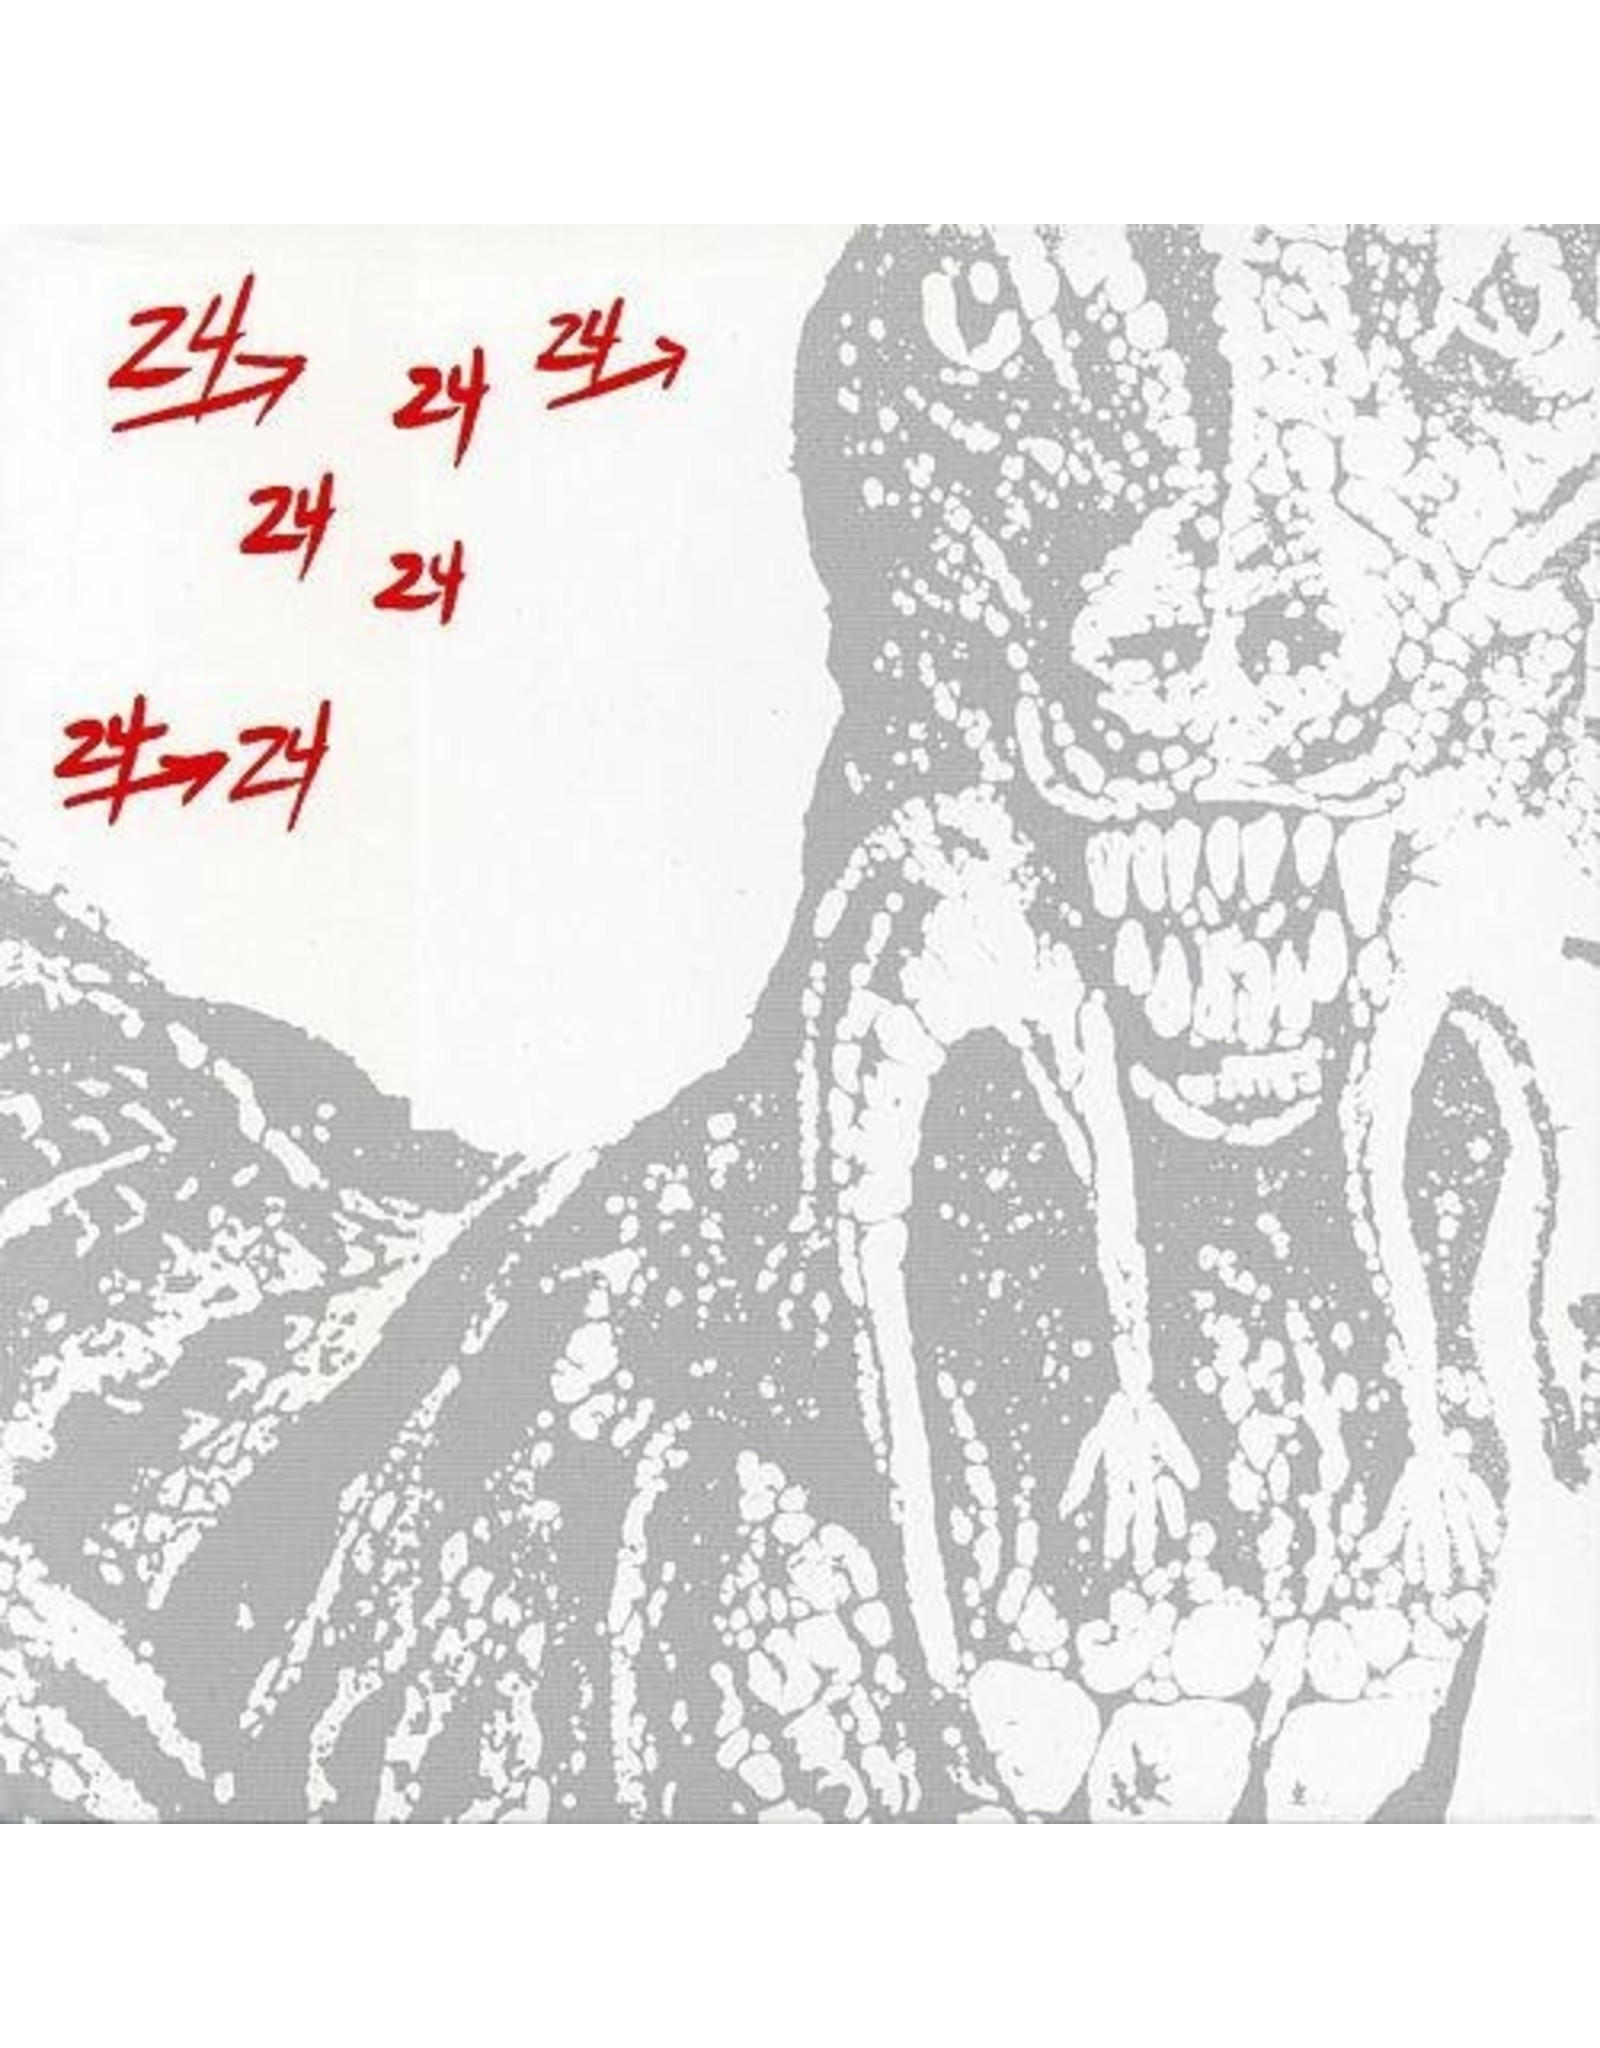 New Vinyl Dinosaur L - 24->24 2LP